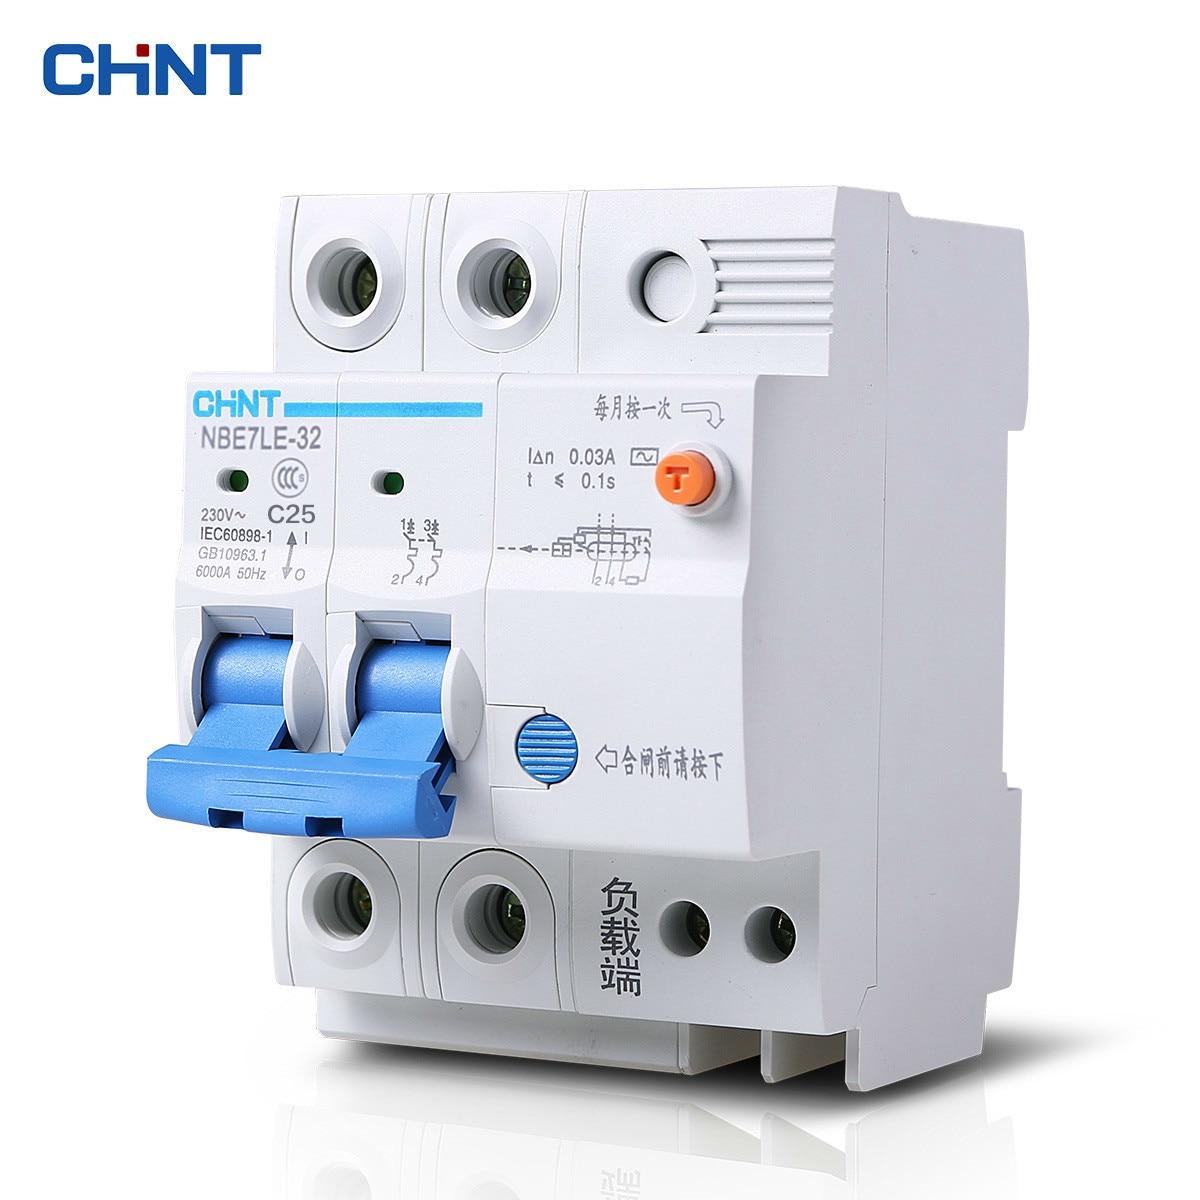 CHINT Circuito de Fuga Disjuntor Interruptor do Ar Proteção Contra Choque Elétrico NBE7LE C25 2 P 25A Com Circuito de Fuga Disjuntor